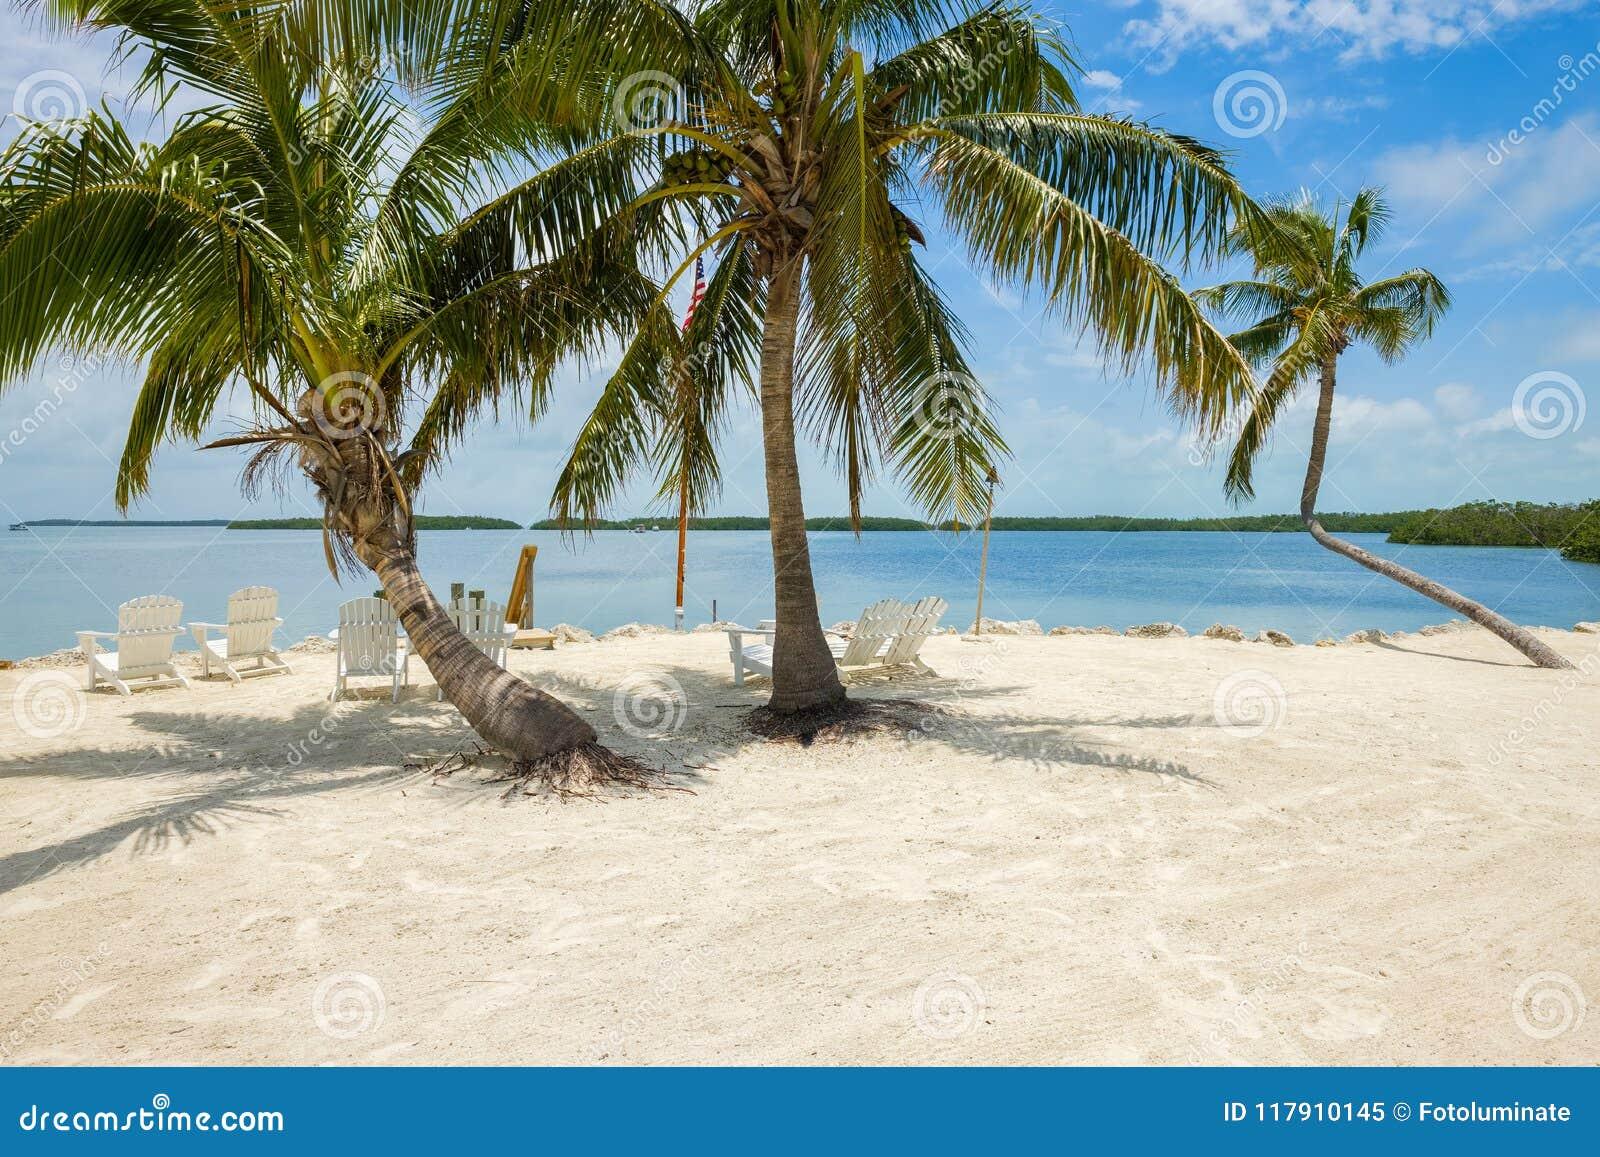 风景佛罗里达群岛